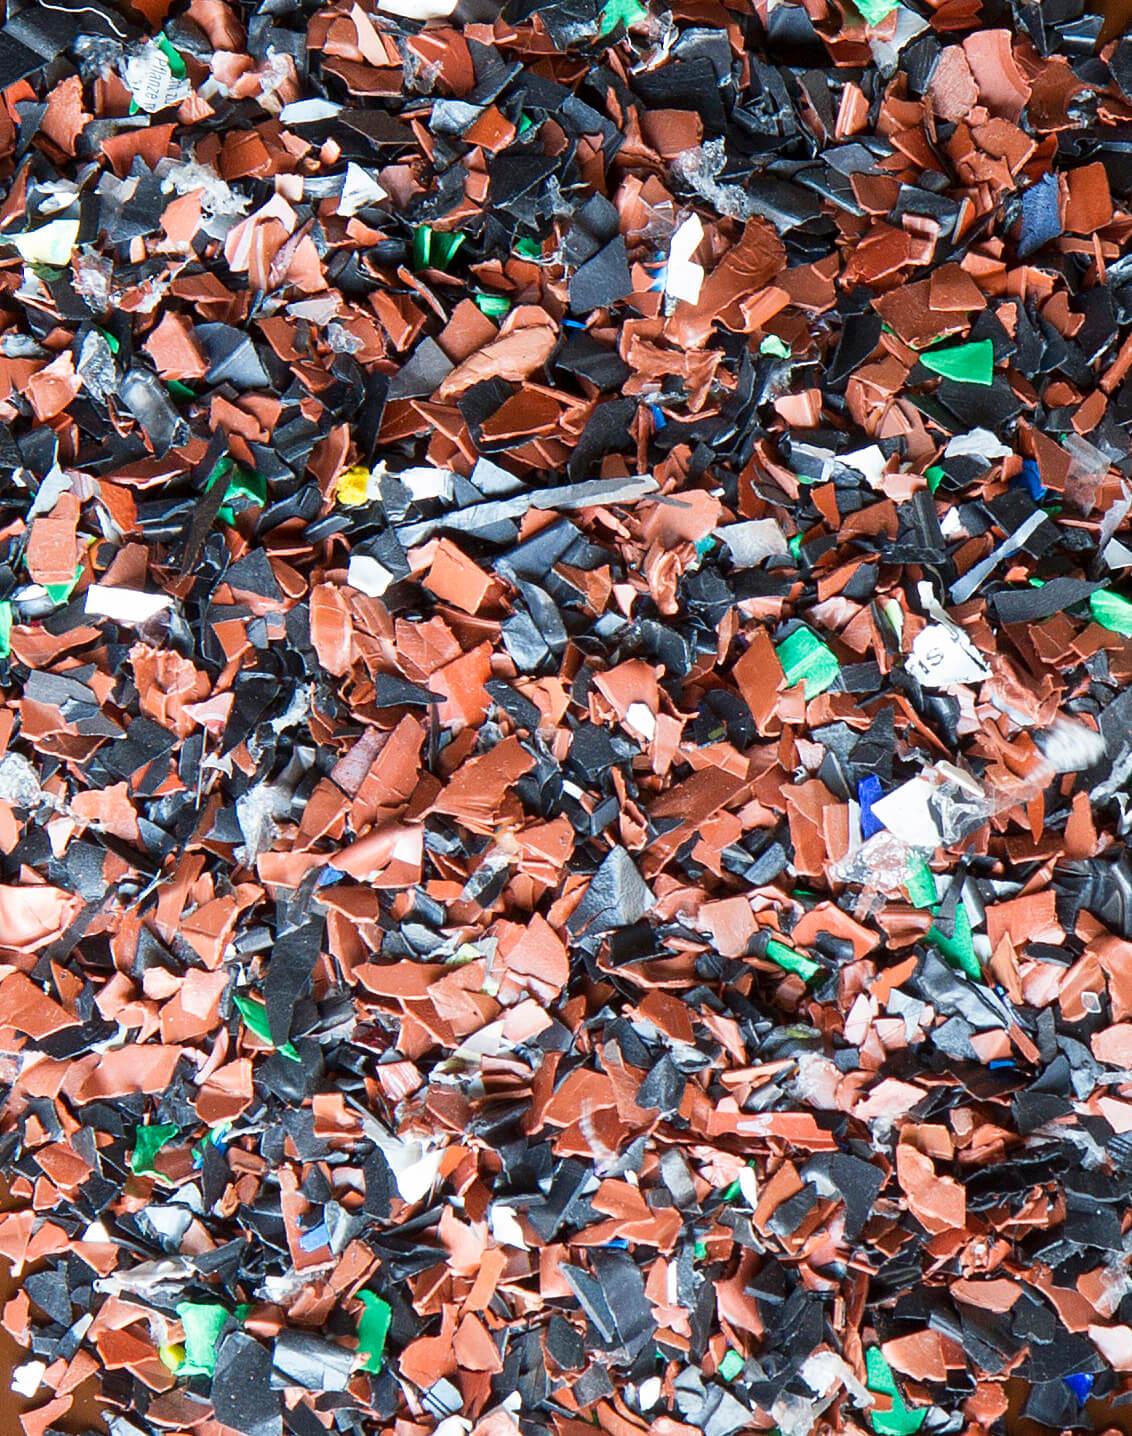 Aufderhaar Plastics Recycling B V  - Aufderhaar Kunststof